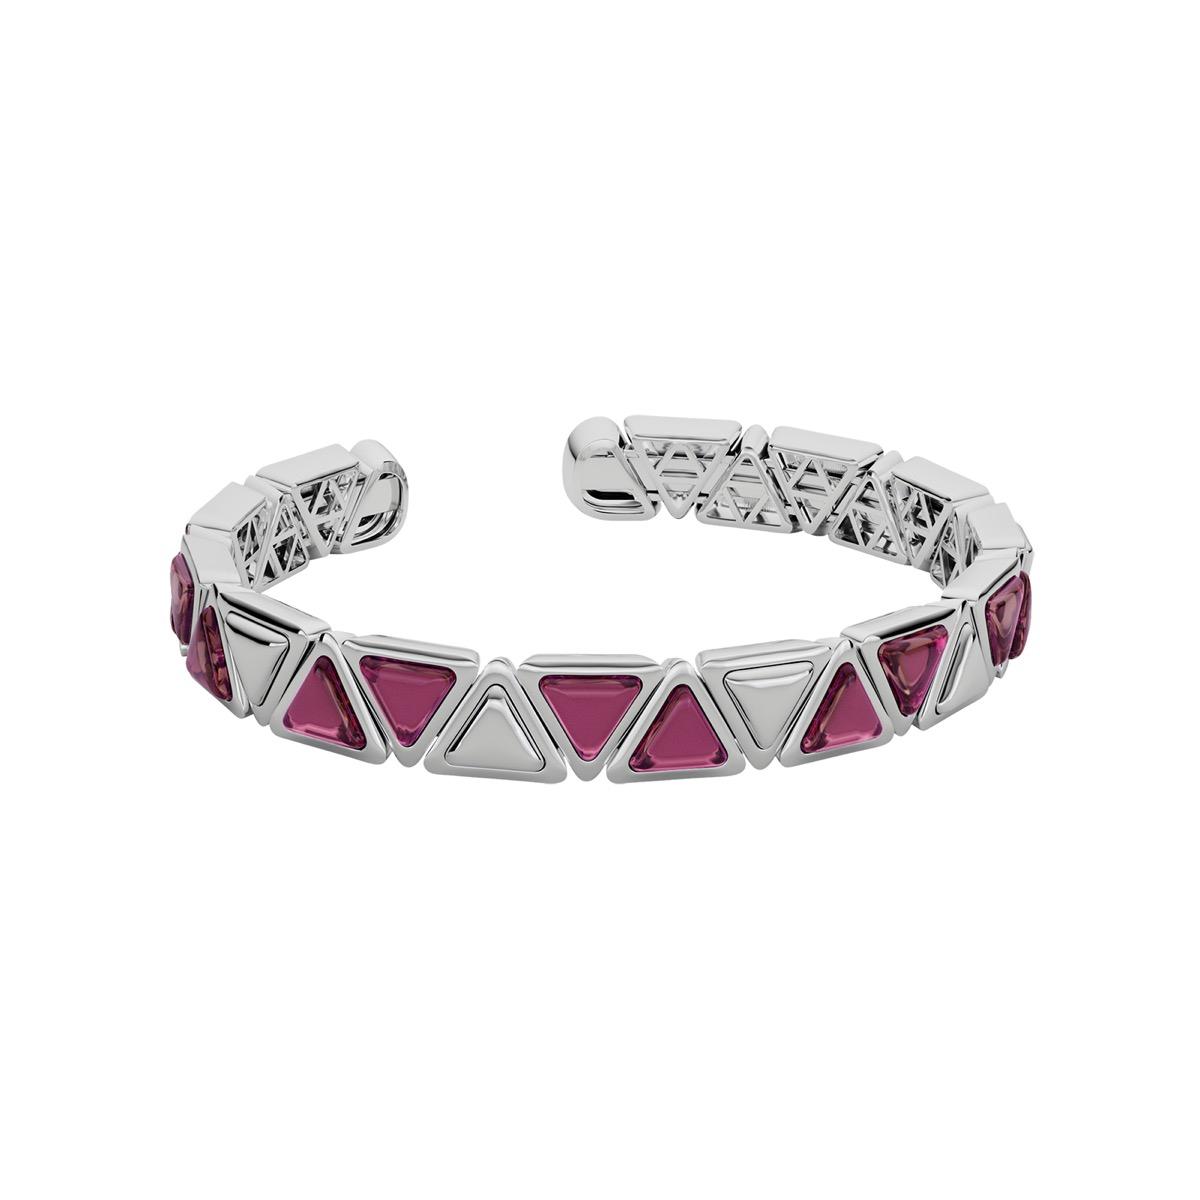 Bracelet Cuff Mirror Gem White Gold Pink Garnet